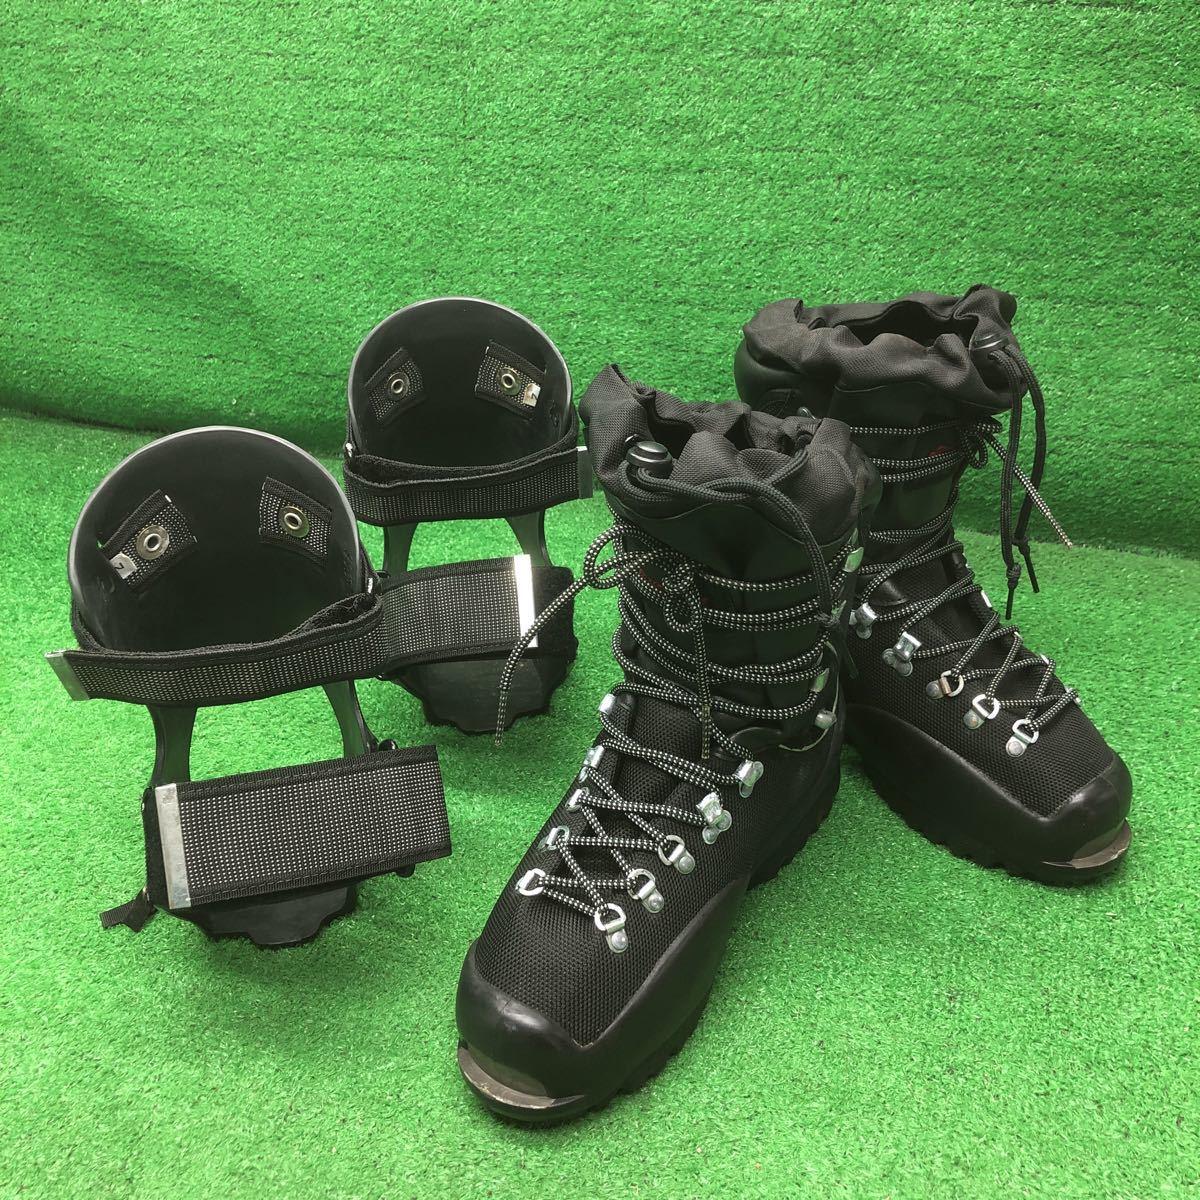 SB-231 NORDICA ノルディカ 25.5cm ファンスキー用になるブーツ 全国何処でも一律送料1000円でお送りいたします_画像2